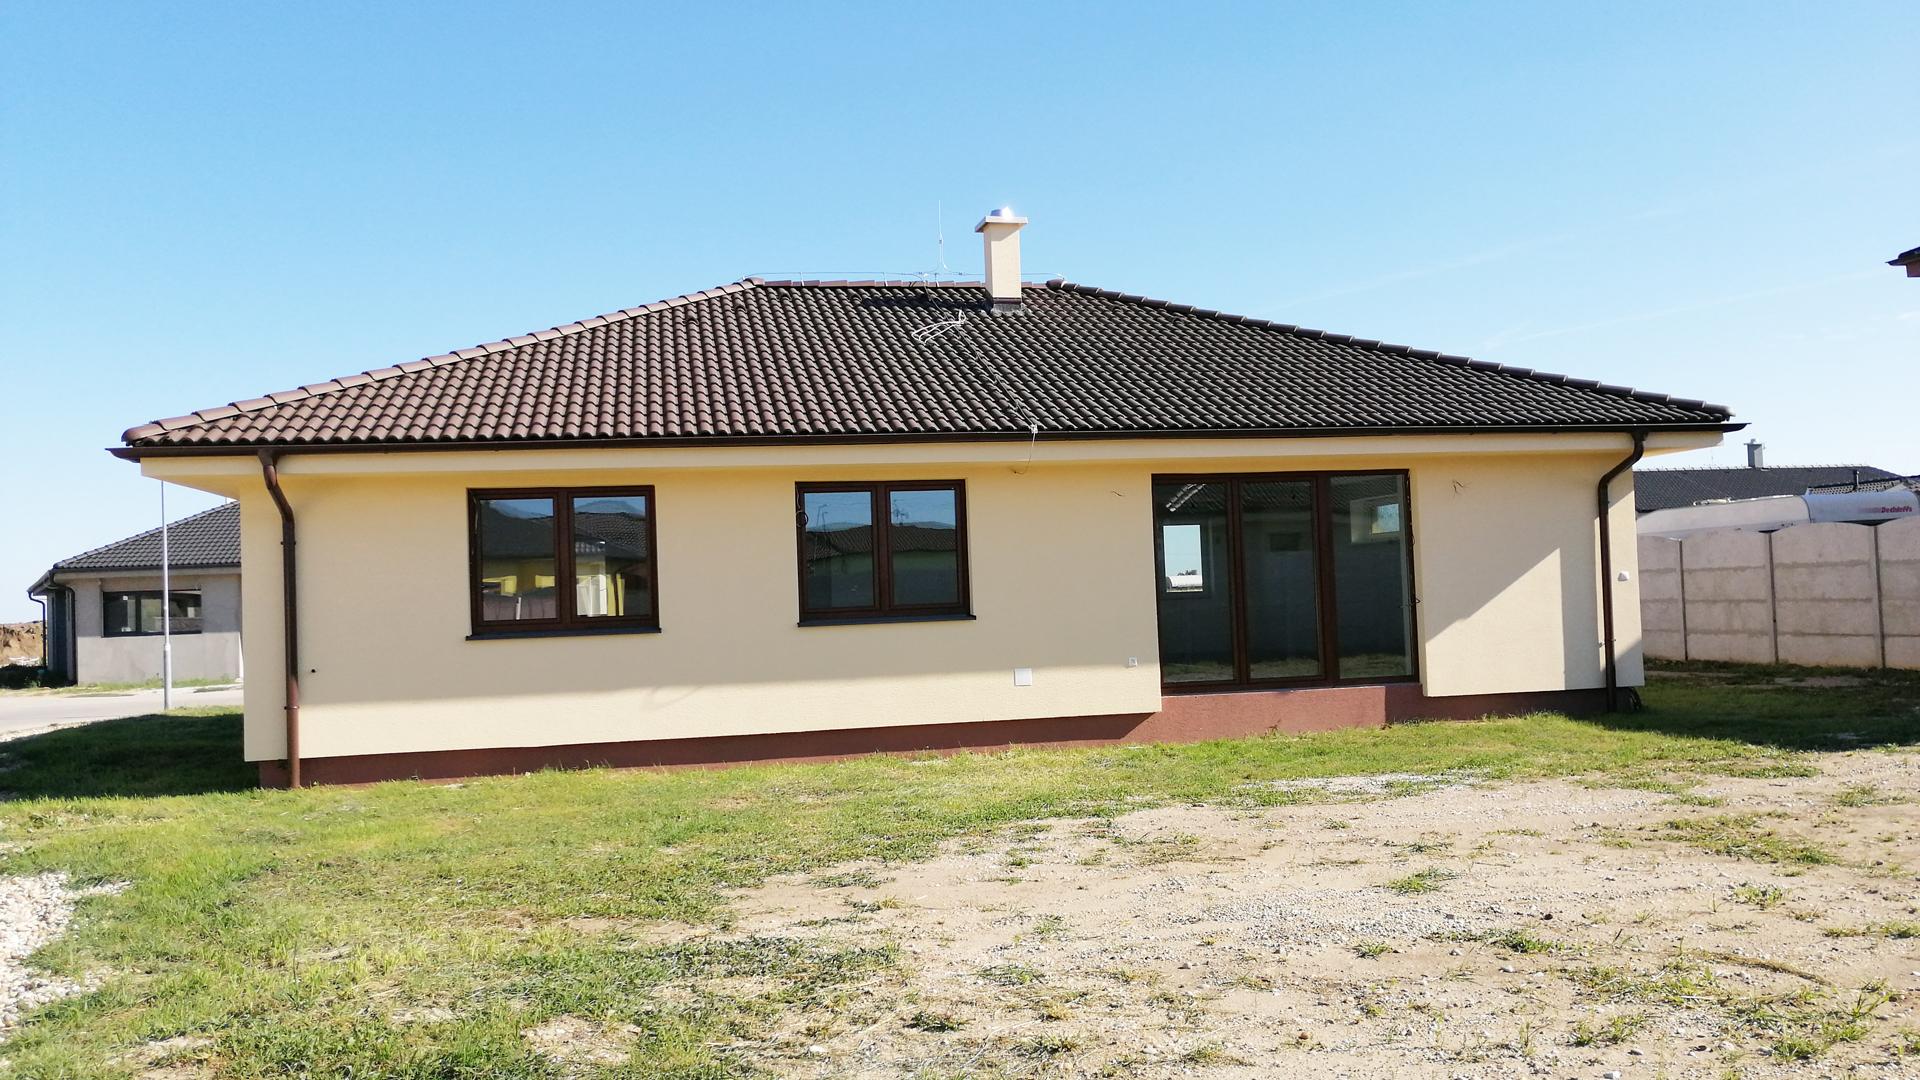 4 izbový rodinný dom, novostavba, Reca, okres Senec